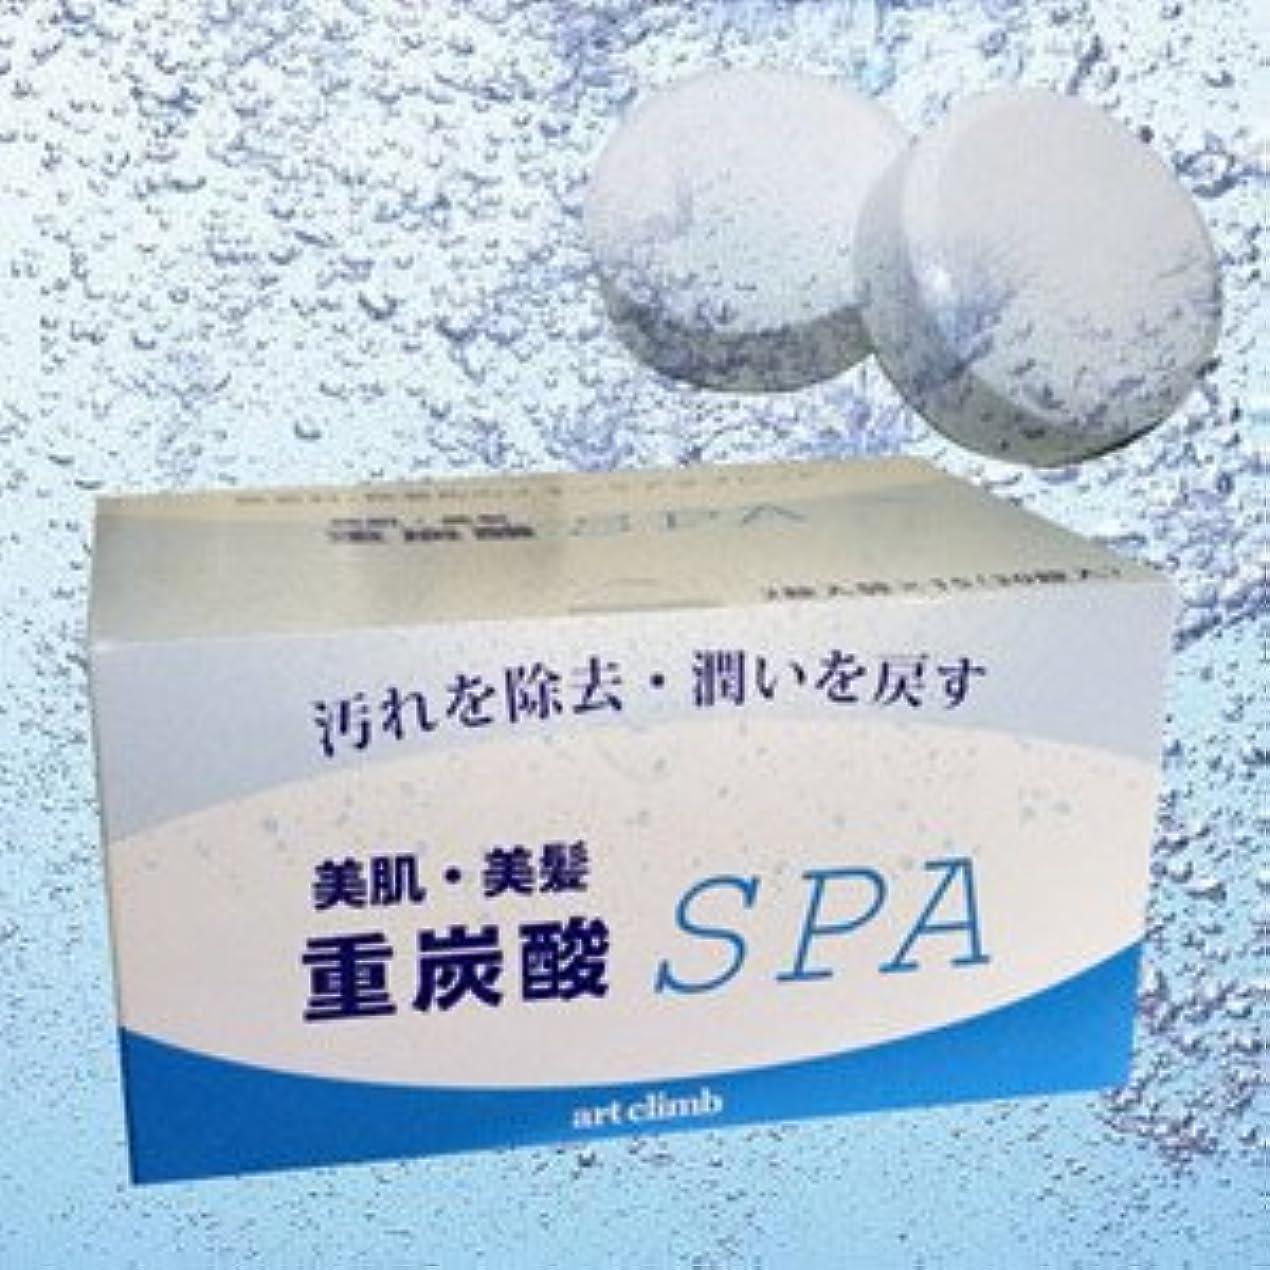 不正ヘルパー価値炭酸泉タブレット 重炭酸SPA 16g x 36錠入り